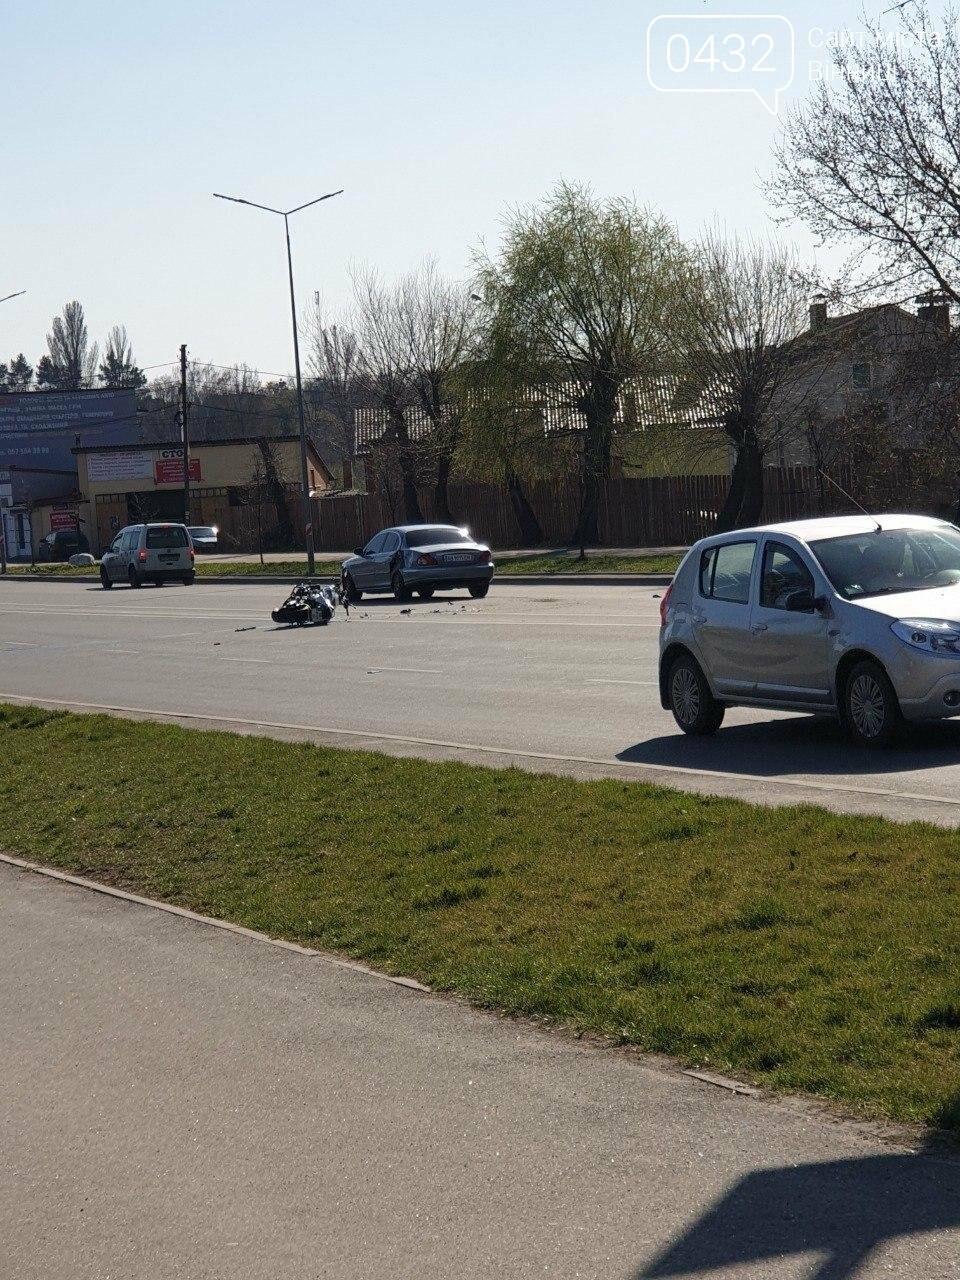 ДТП в Виннице: на Юности столкнулись мотоцикл и Jaguar  (фото), фото-2